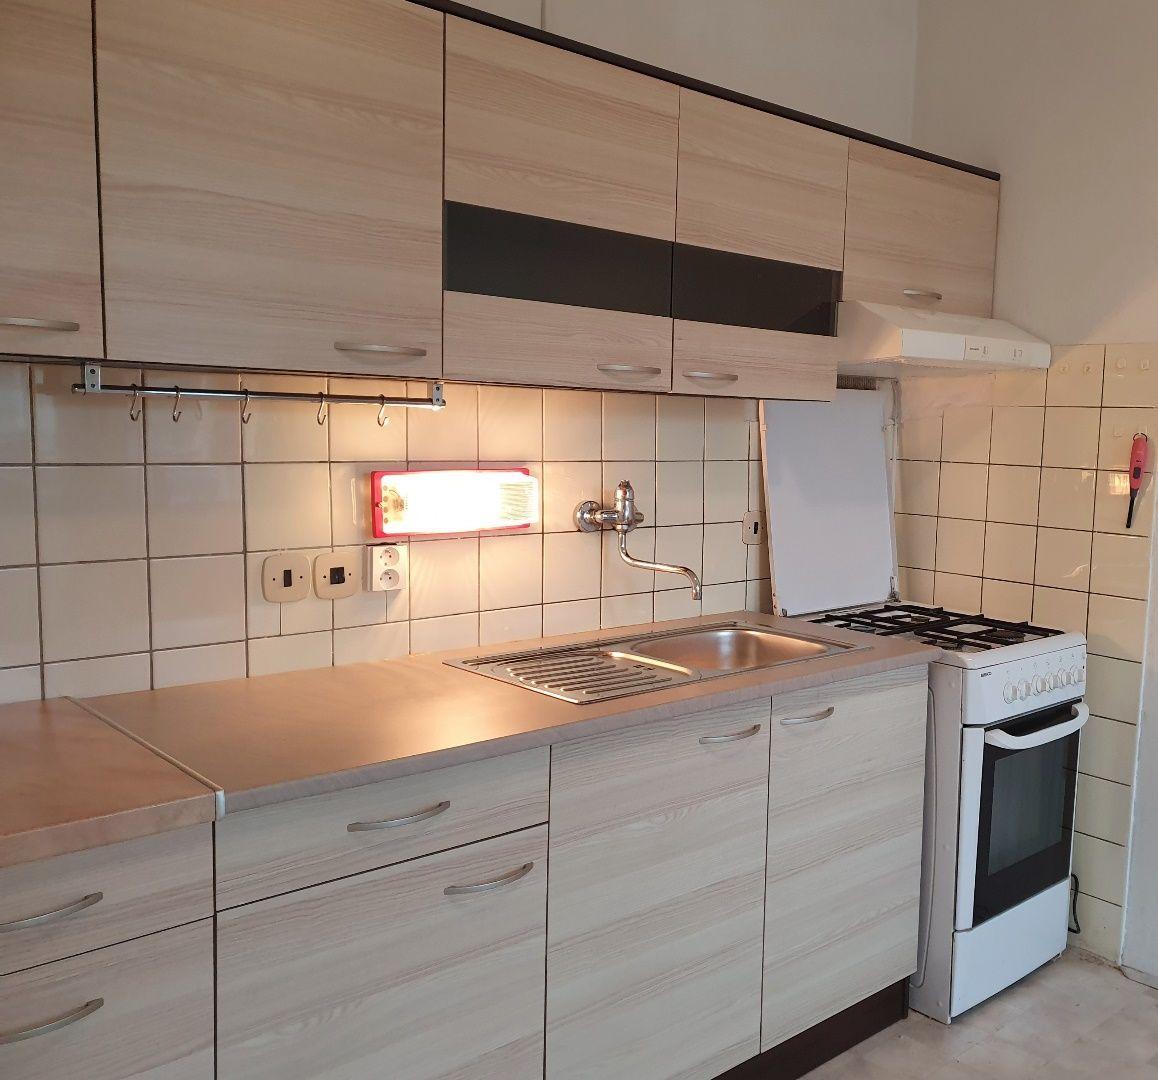 Iný-Predaj-Bratislava - mestská časť Dúbravka-158000.00 €